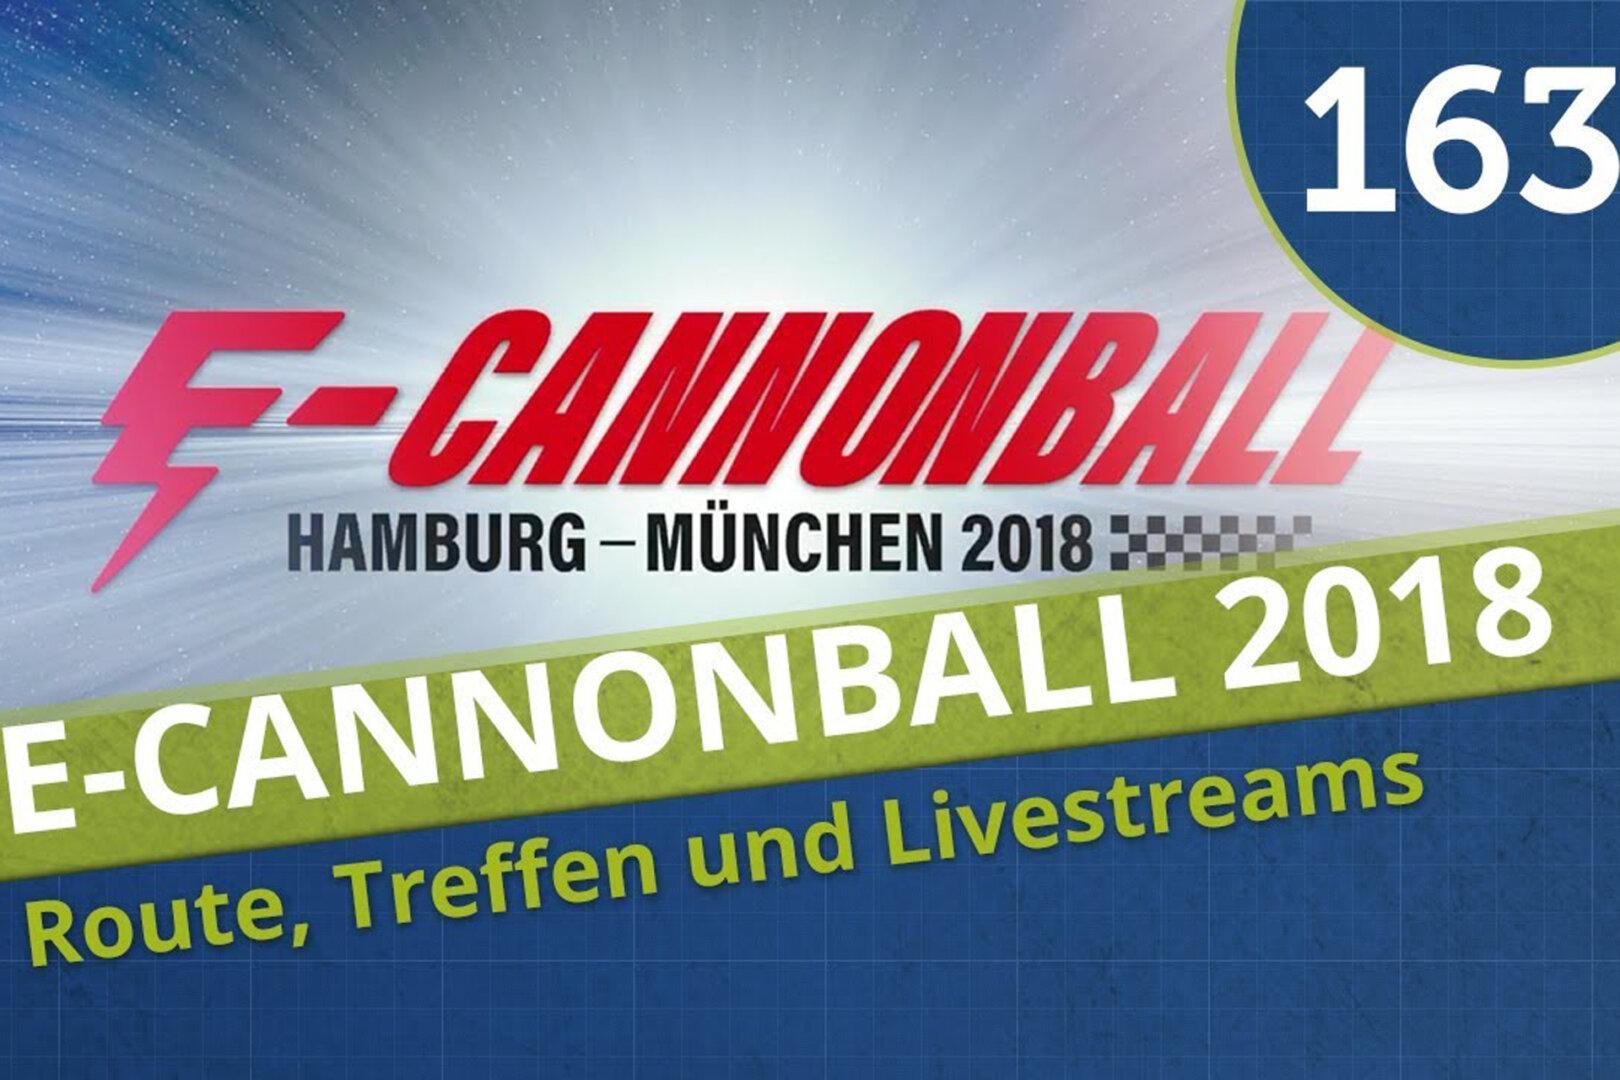 Logo E-Cannonball 2018